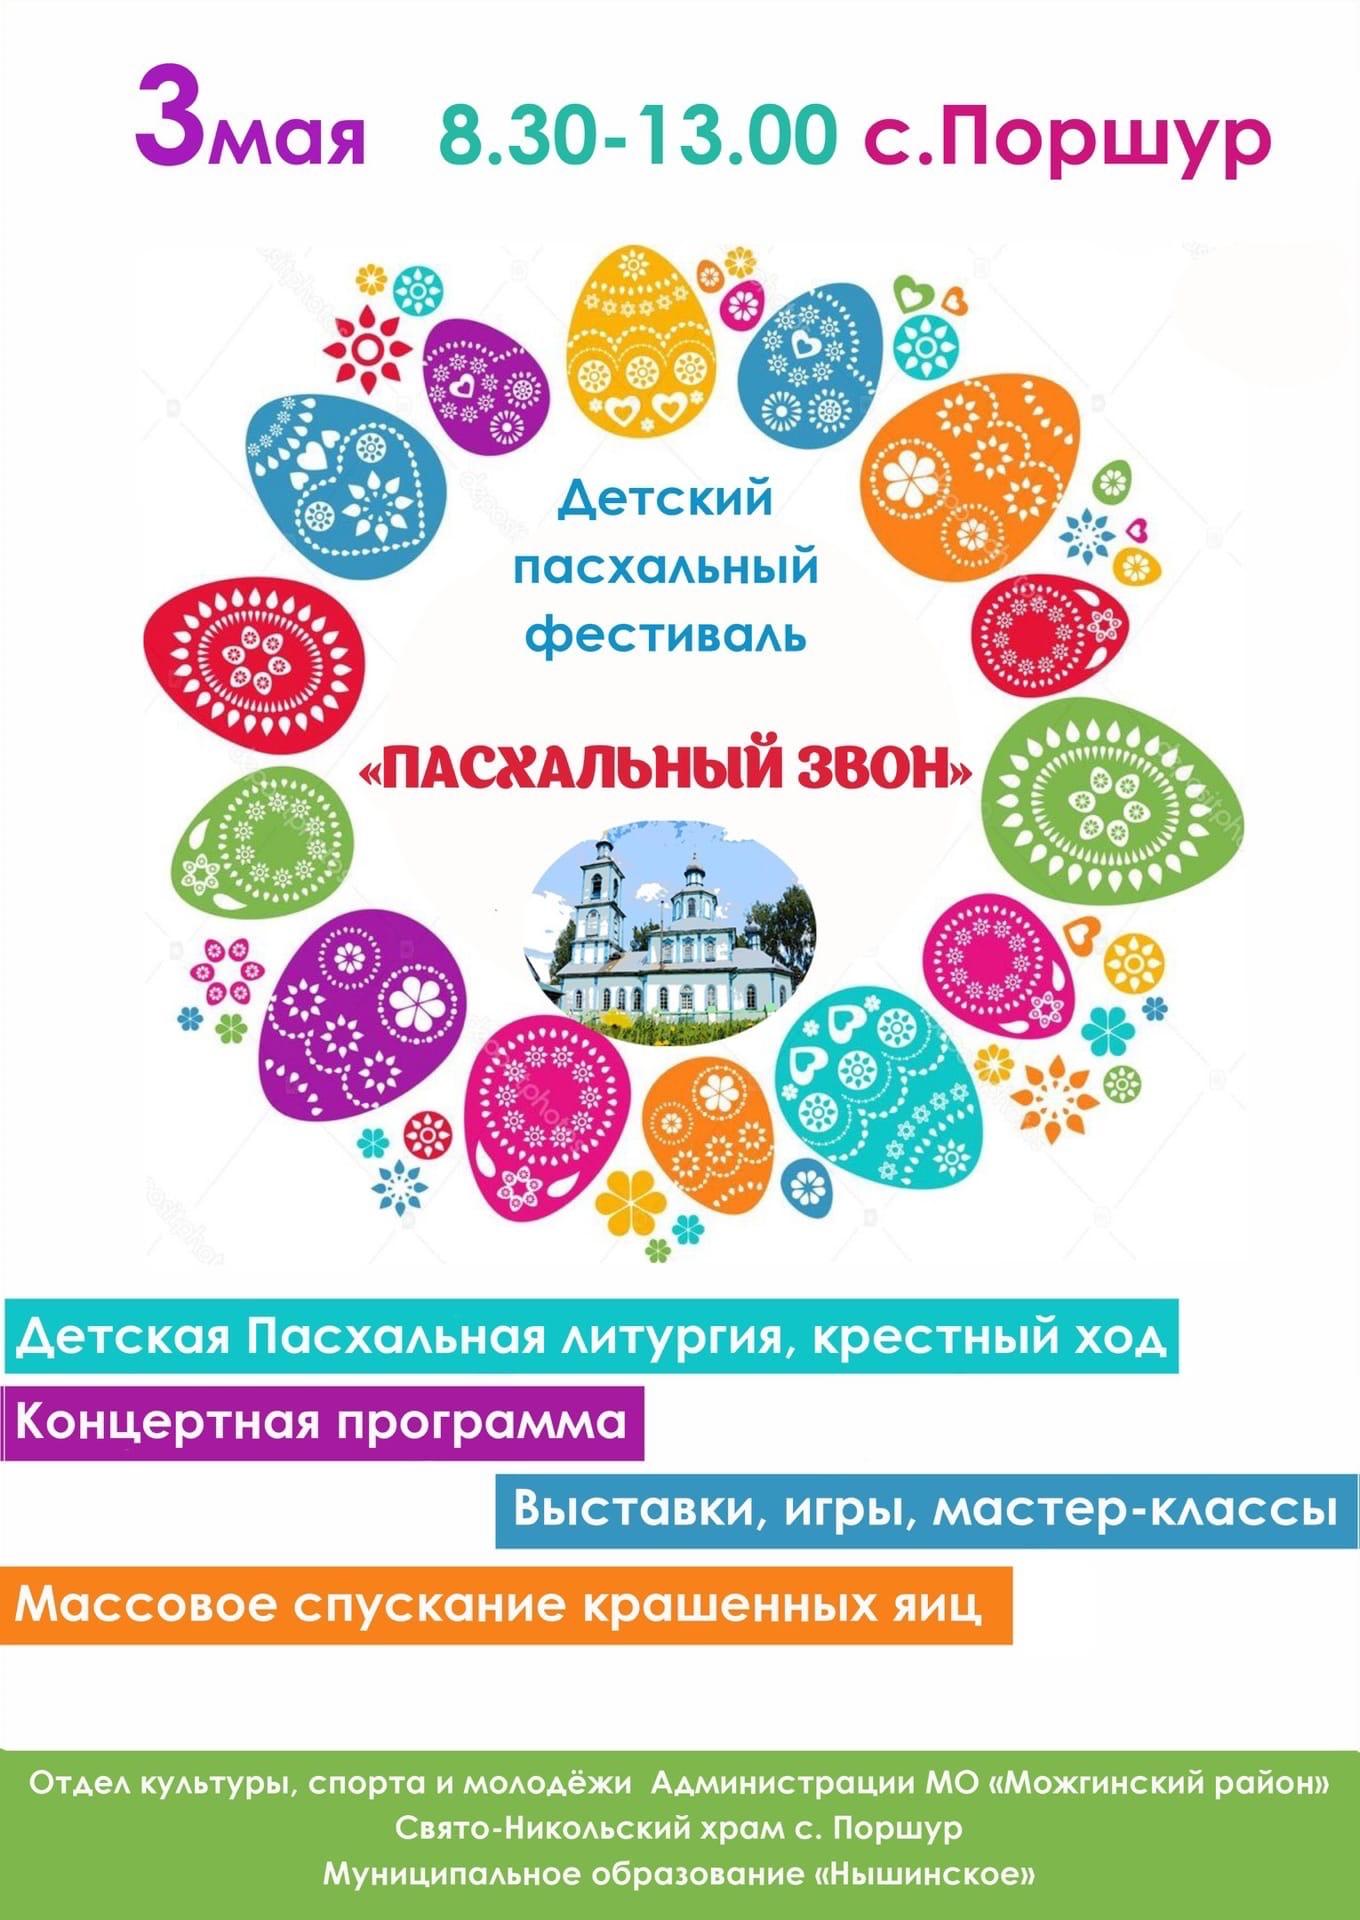 Детский Пасхальный фестиваль, ежегодно проводимый Свято-Никольским Храмом